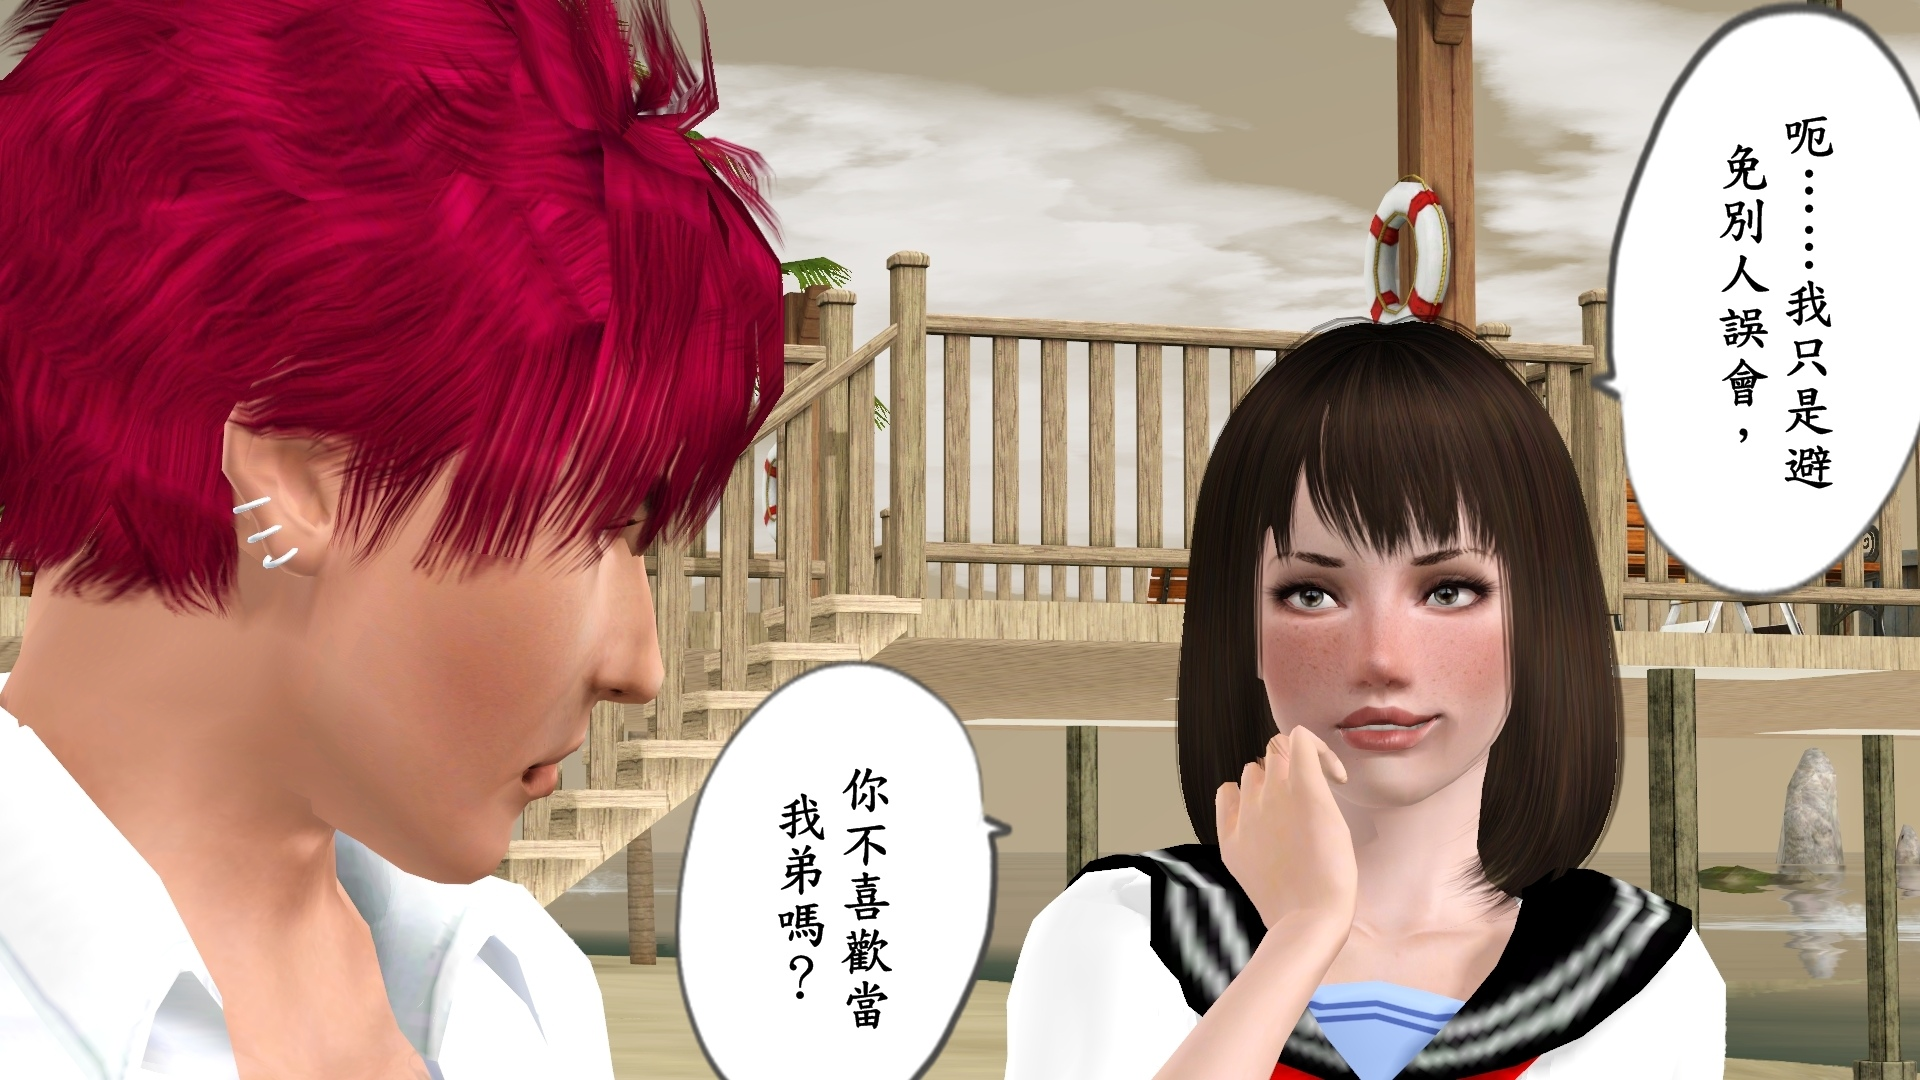 C04呃……我只是避免別人誤會。你不喜歡當我弟嗎?.jpg